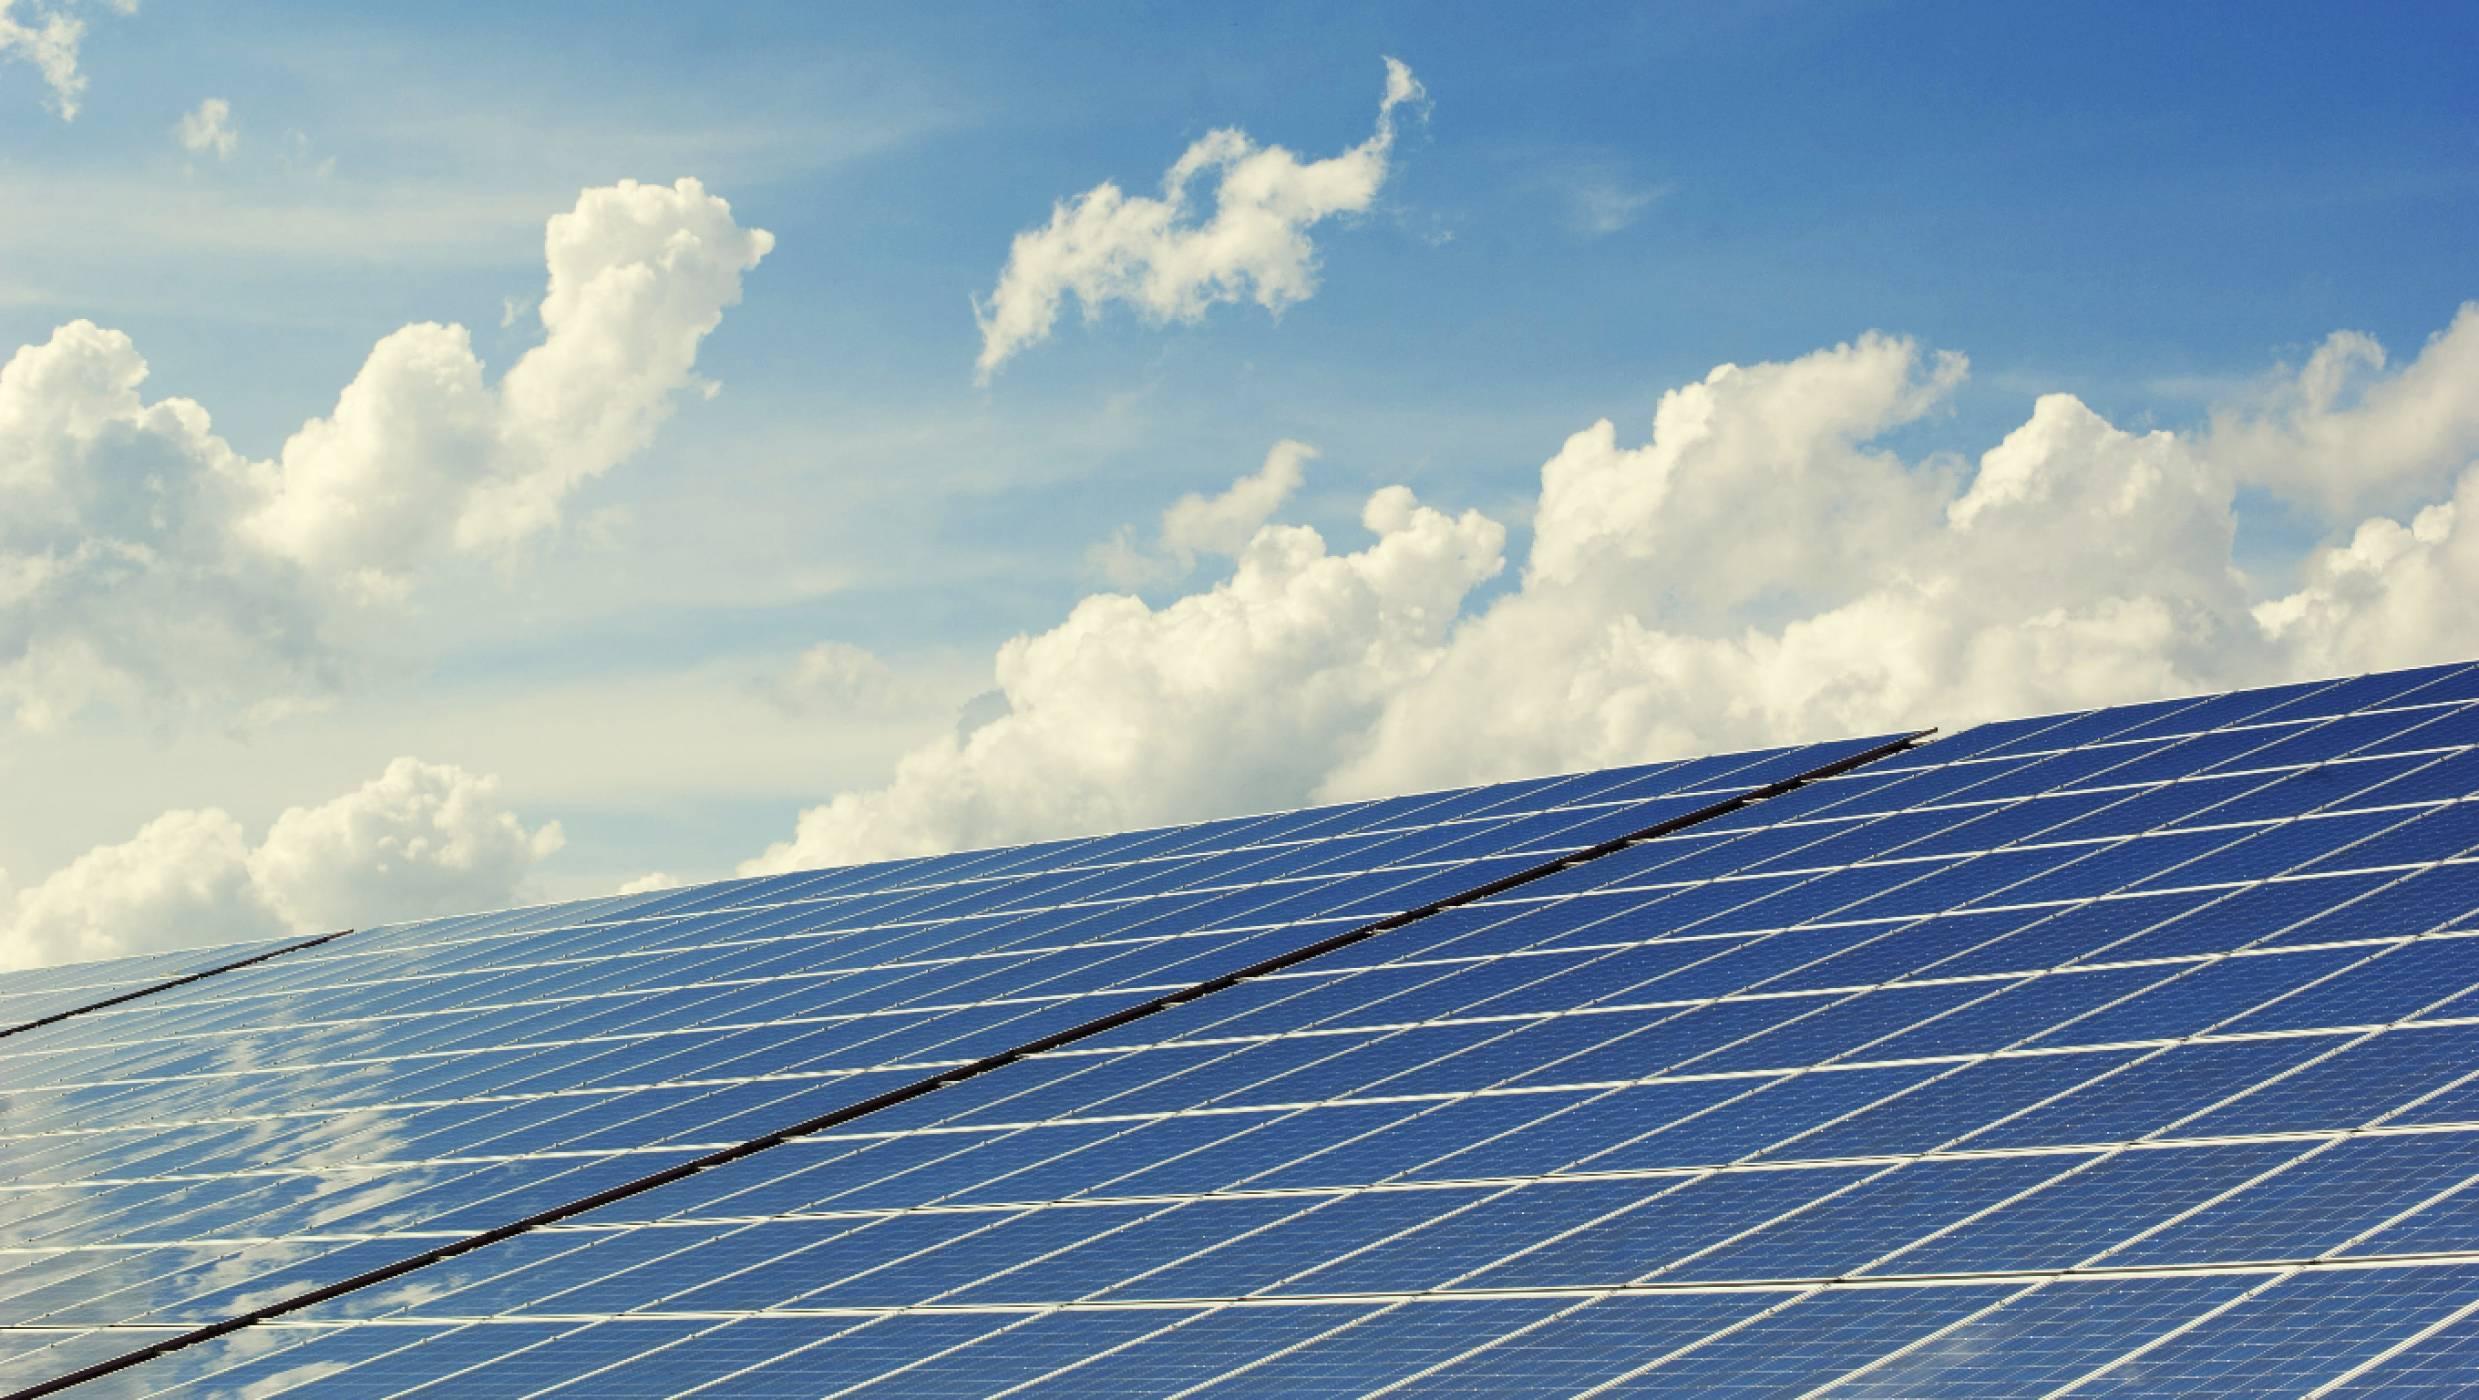 В някои части на света слънчевата енергия е най-евтиният източник на електроенергия изобщо